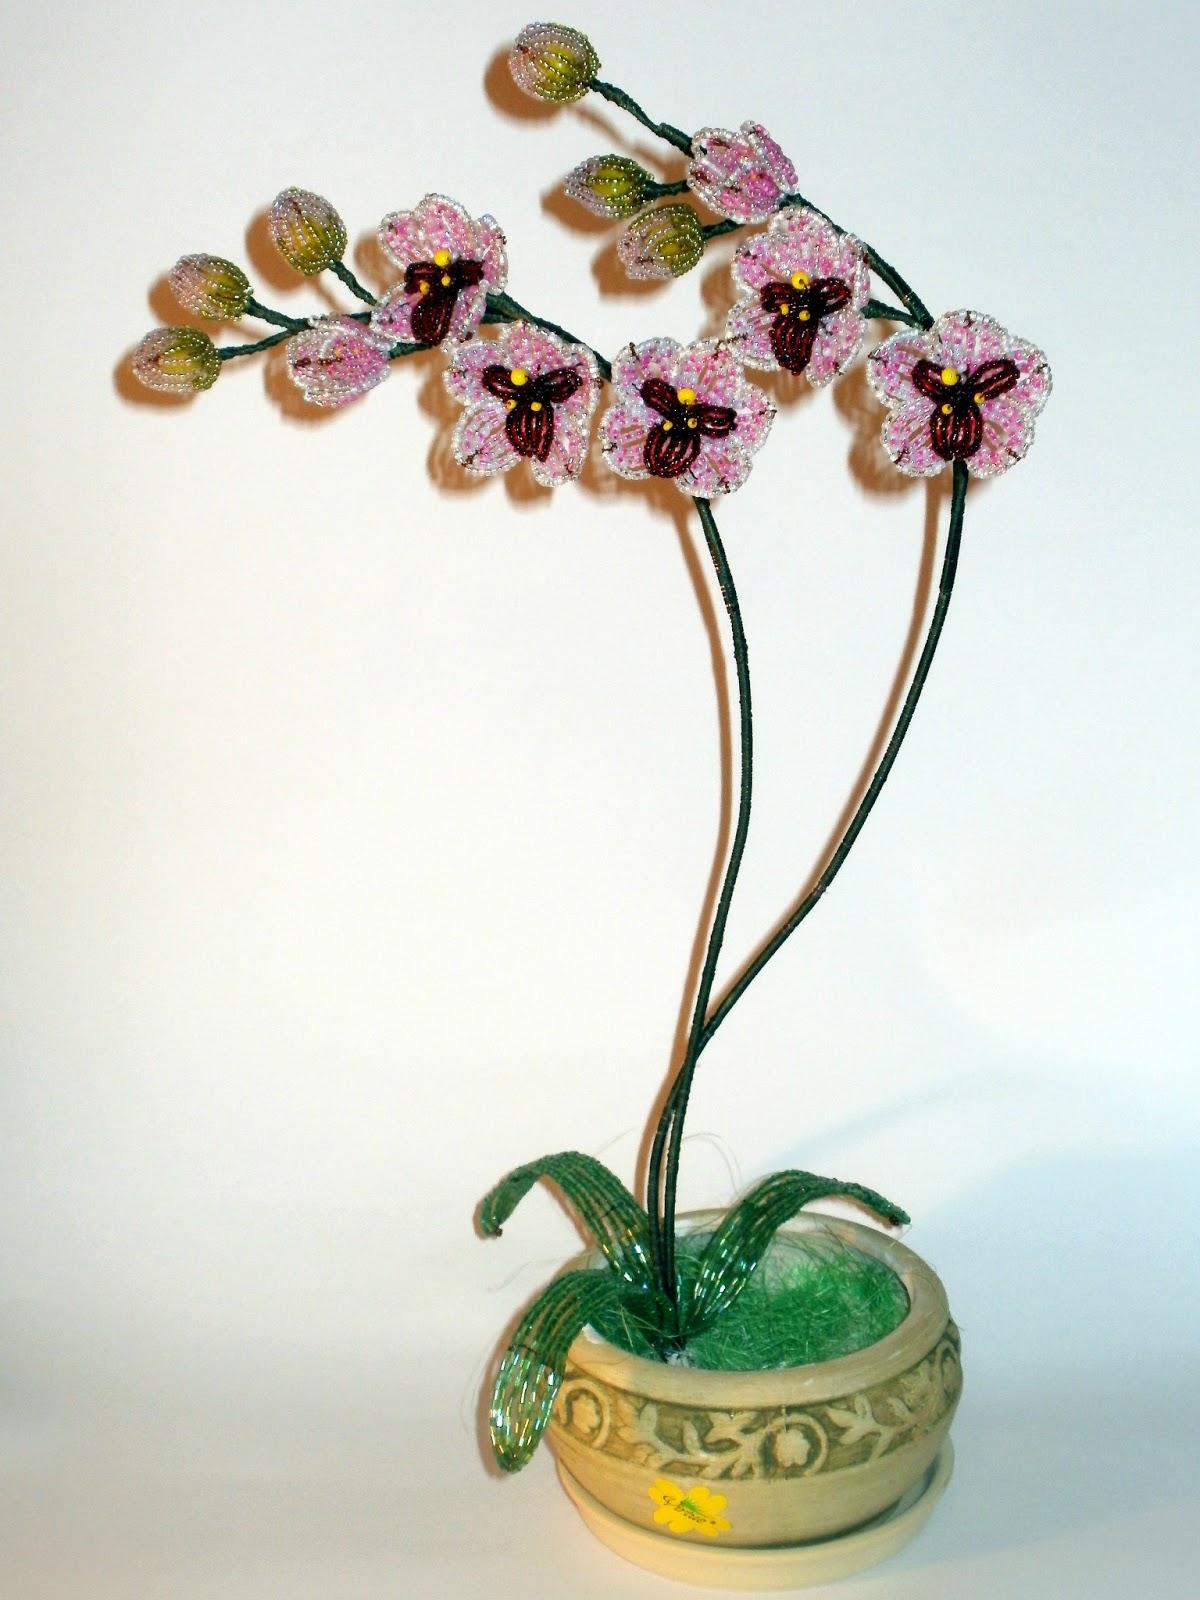 b Мой любимый бисер/b: Орхидея из бисера.